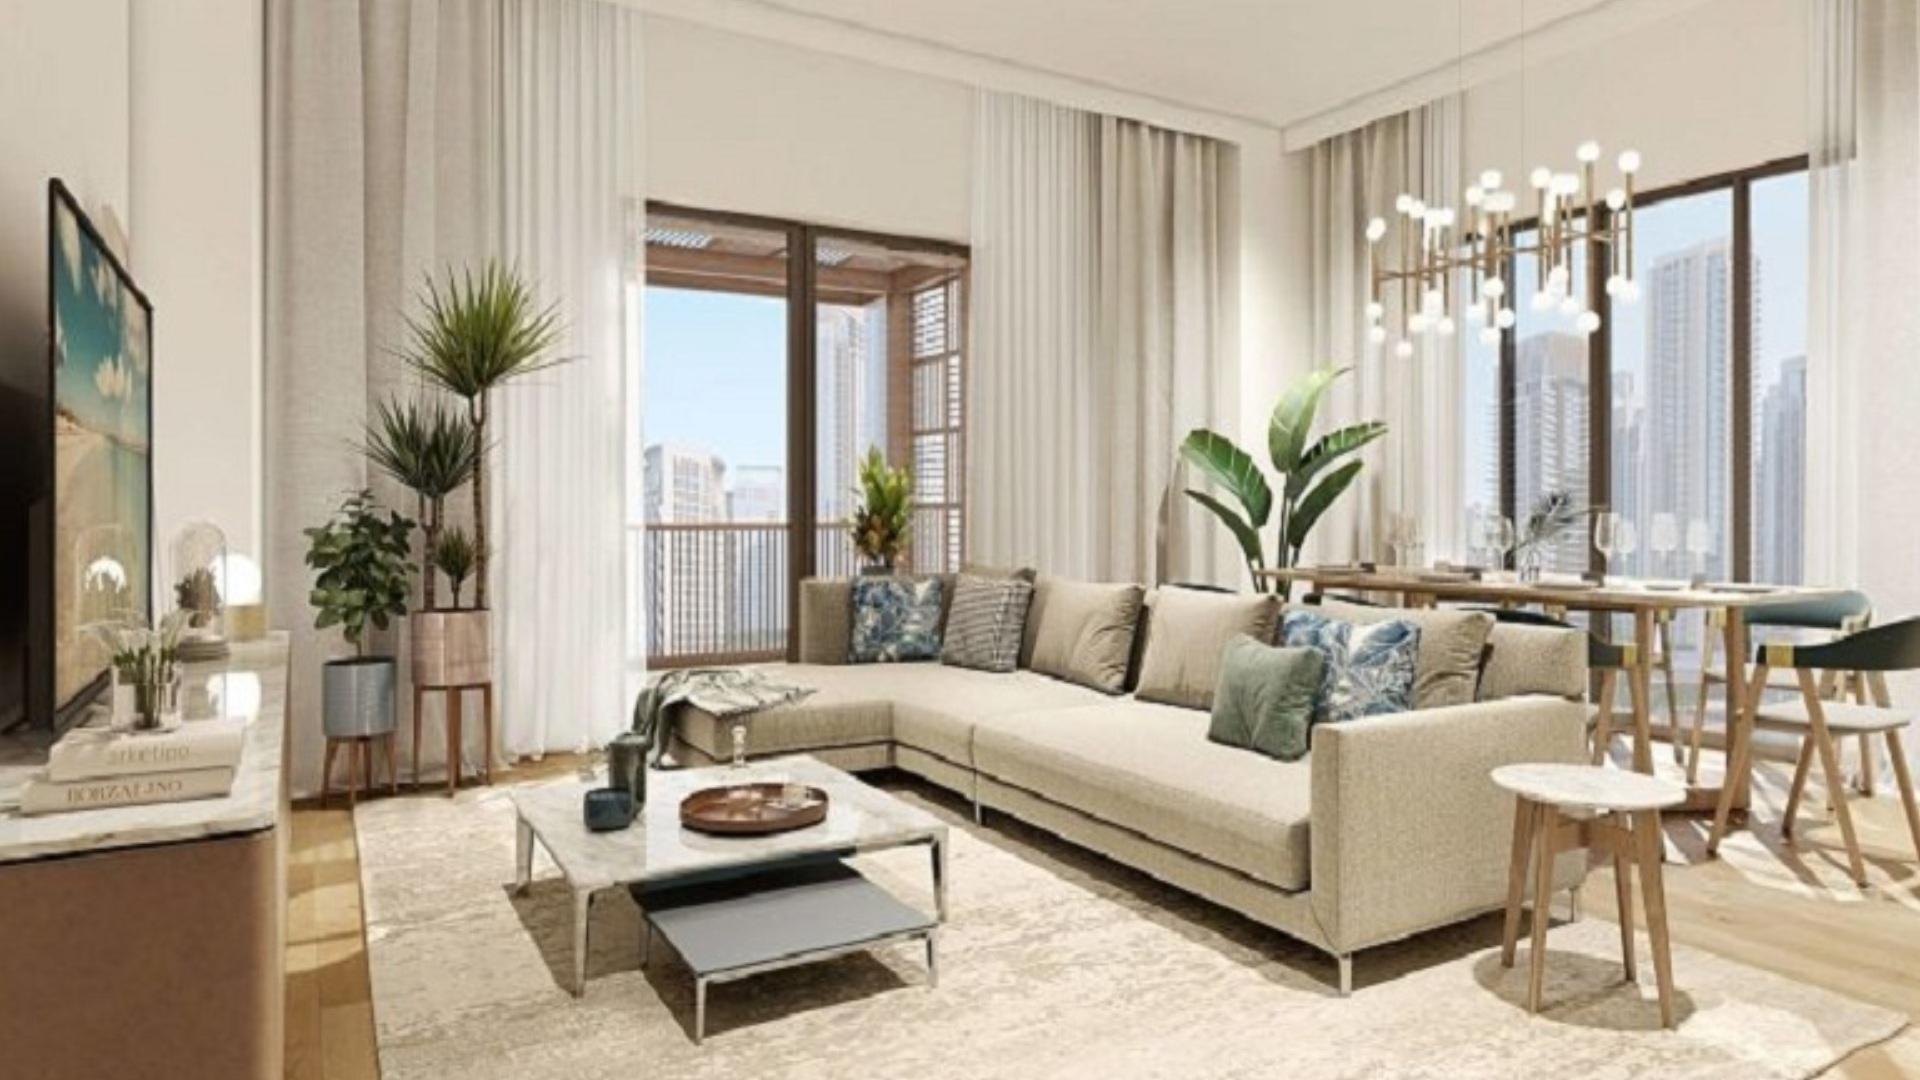 Apartamento en venta en Dubai, EAU, 3 dormitorios, 147 m2, № 24623 – foto 5